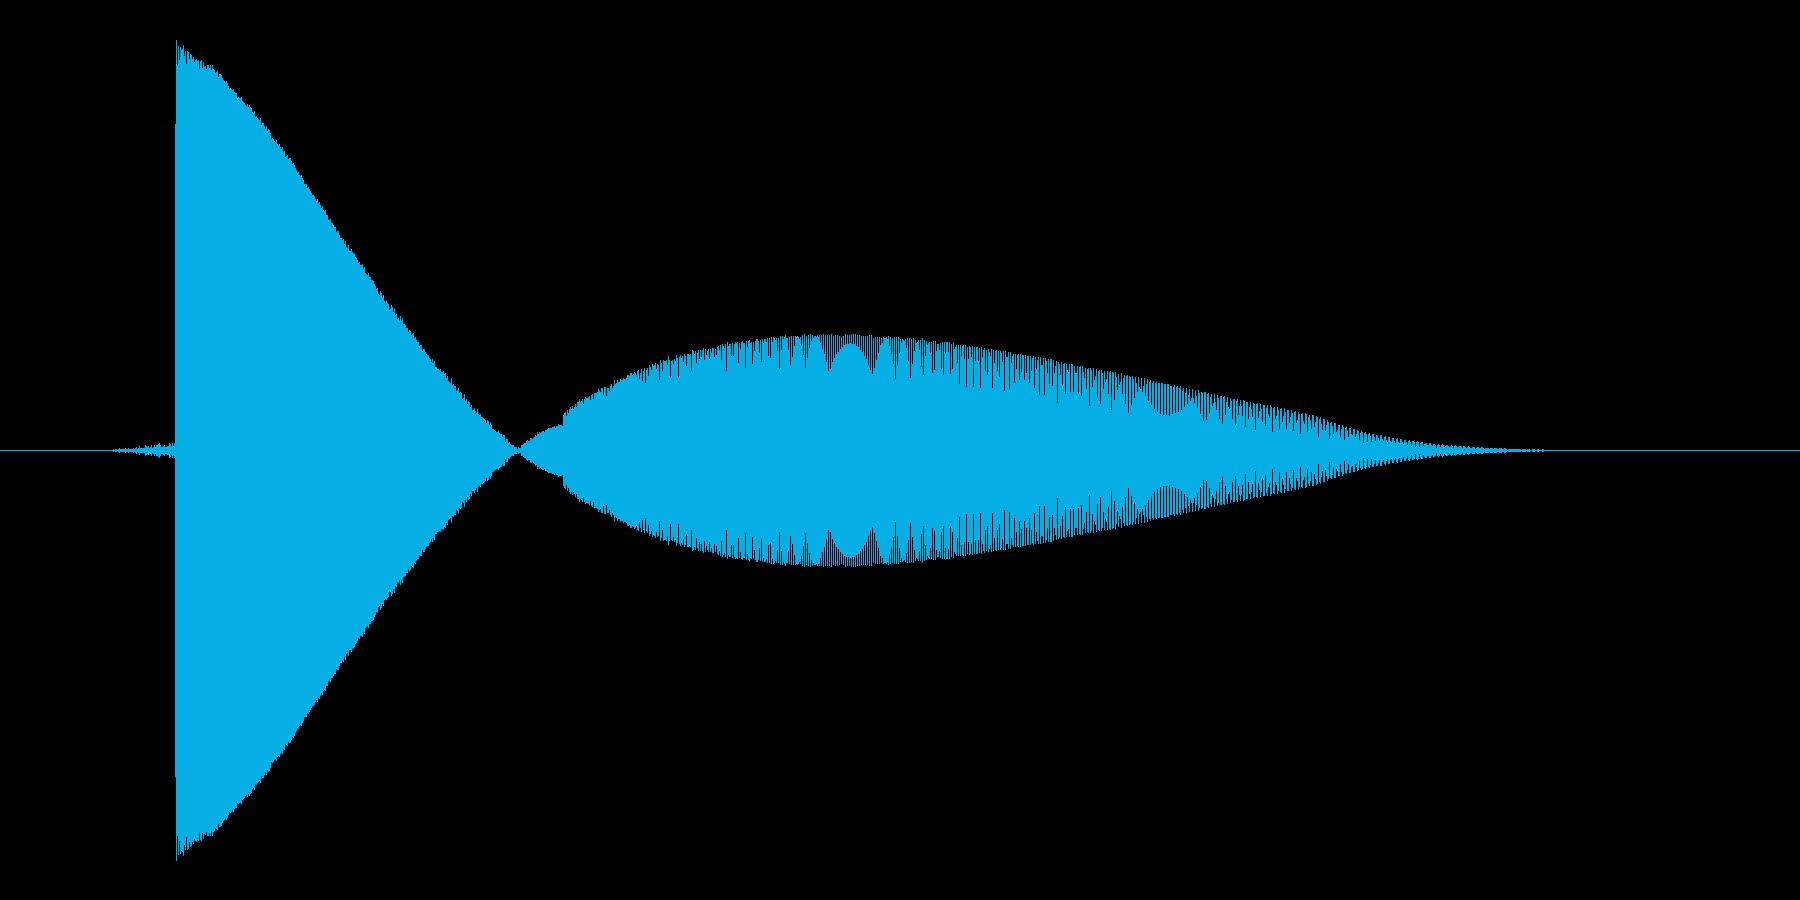 ゲーム(ファミコン風)レーザー音_029の再生済みの波形